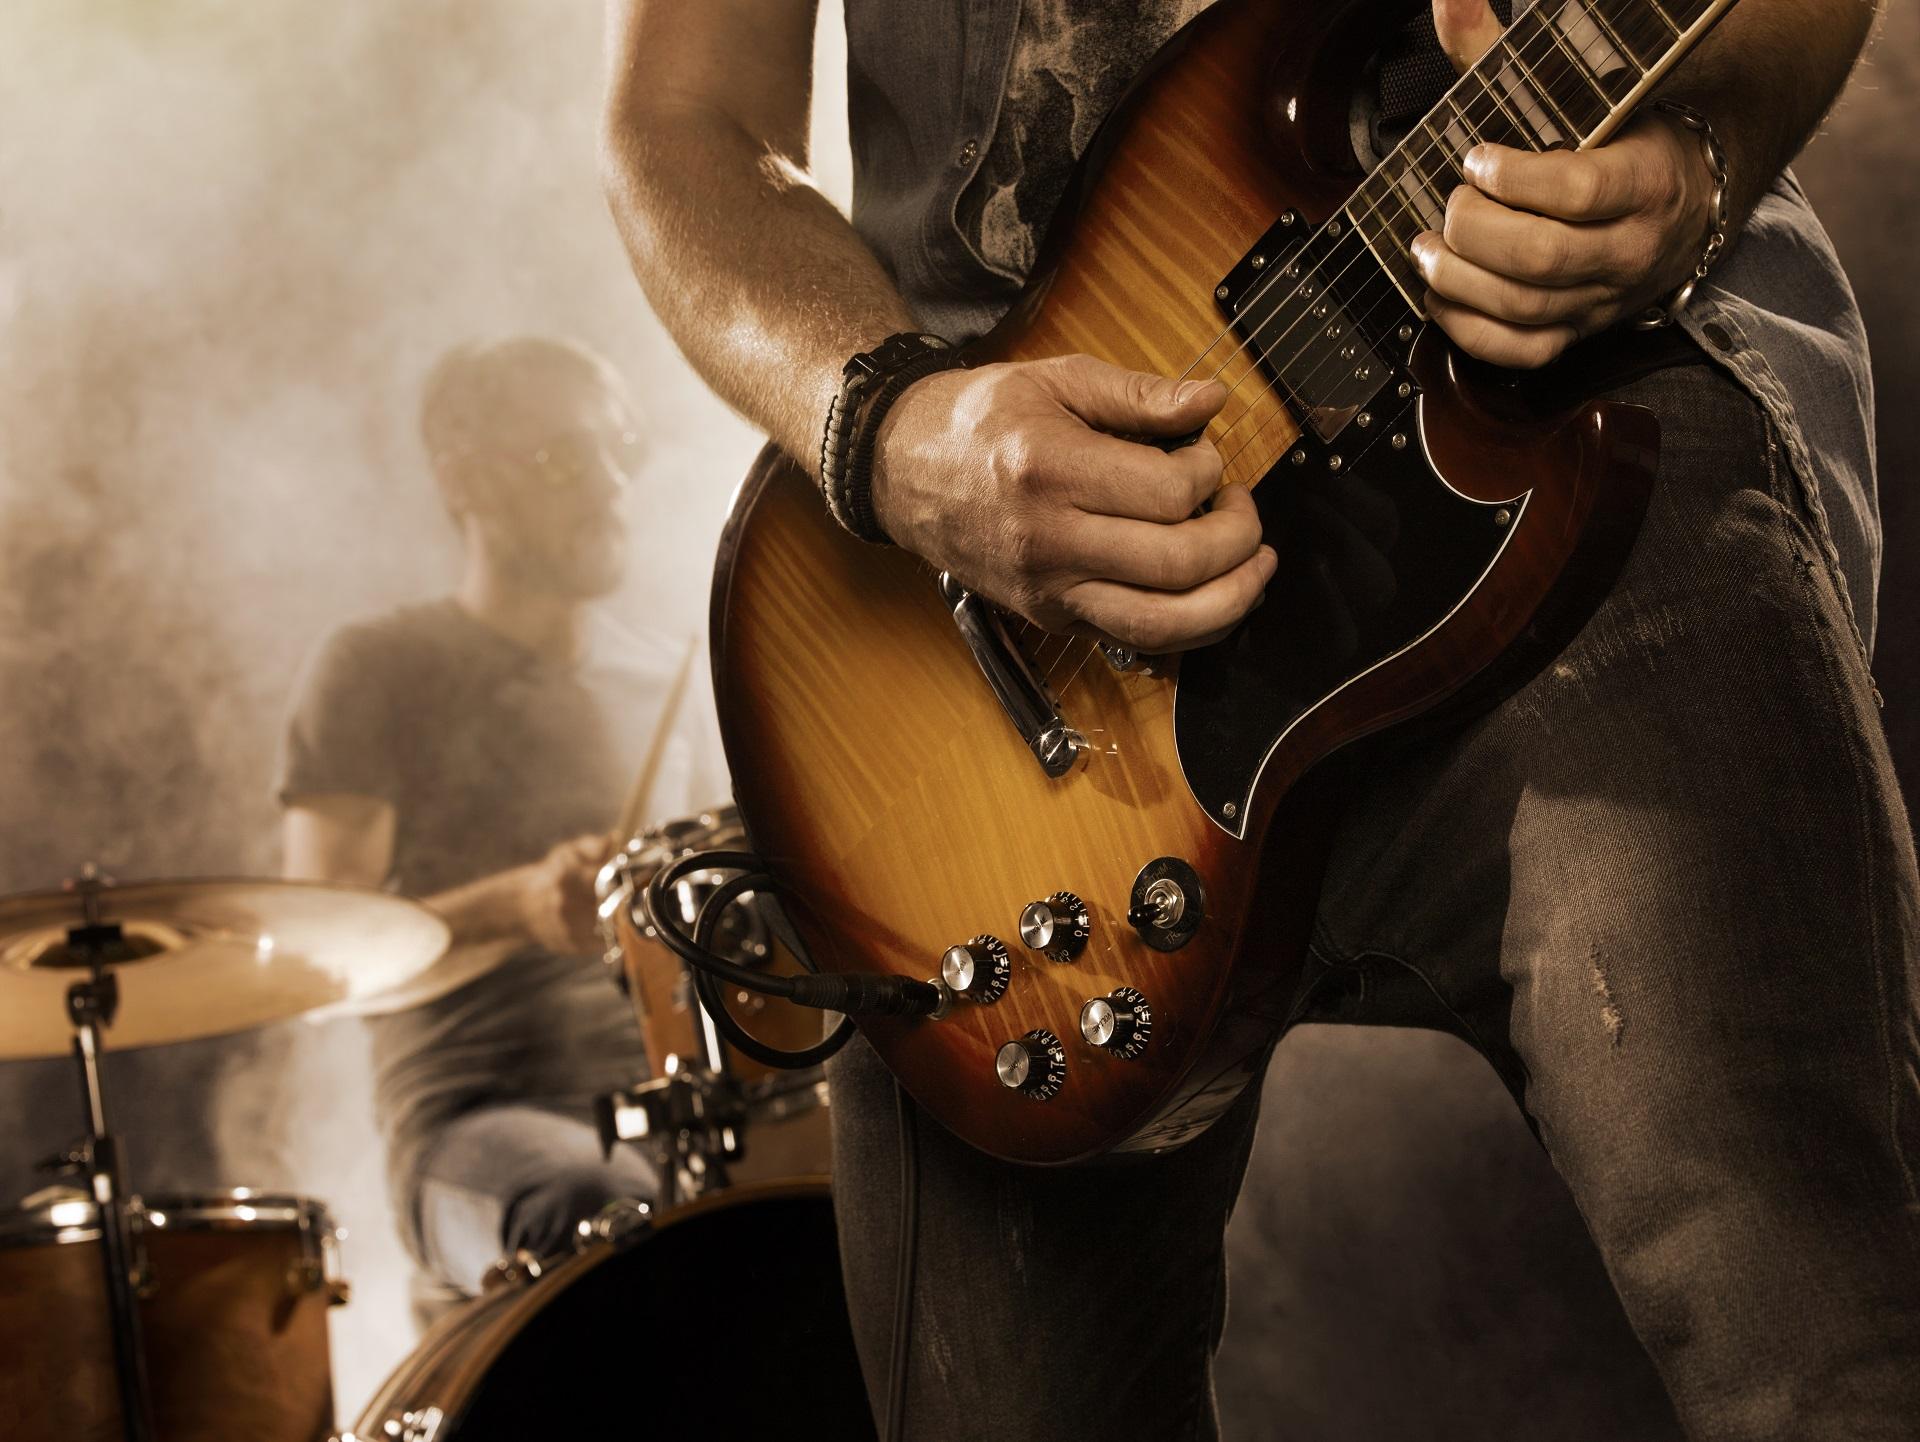 Leben eines Rockstars – zwischen Bühne und den eigenen vier Wänden